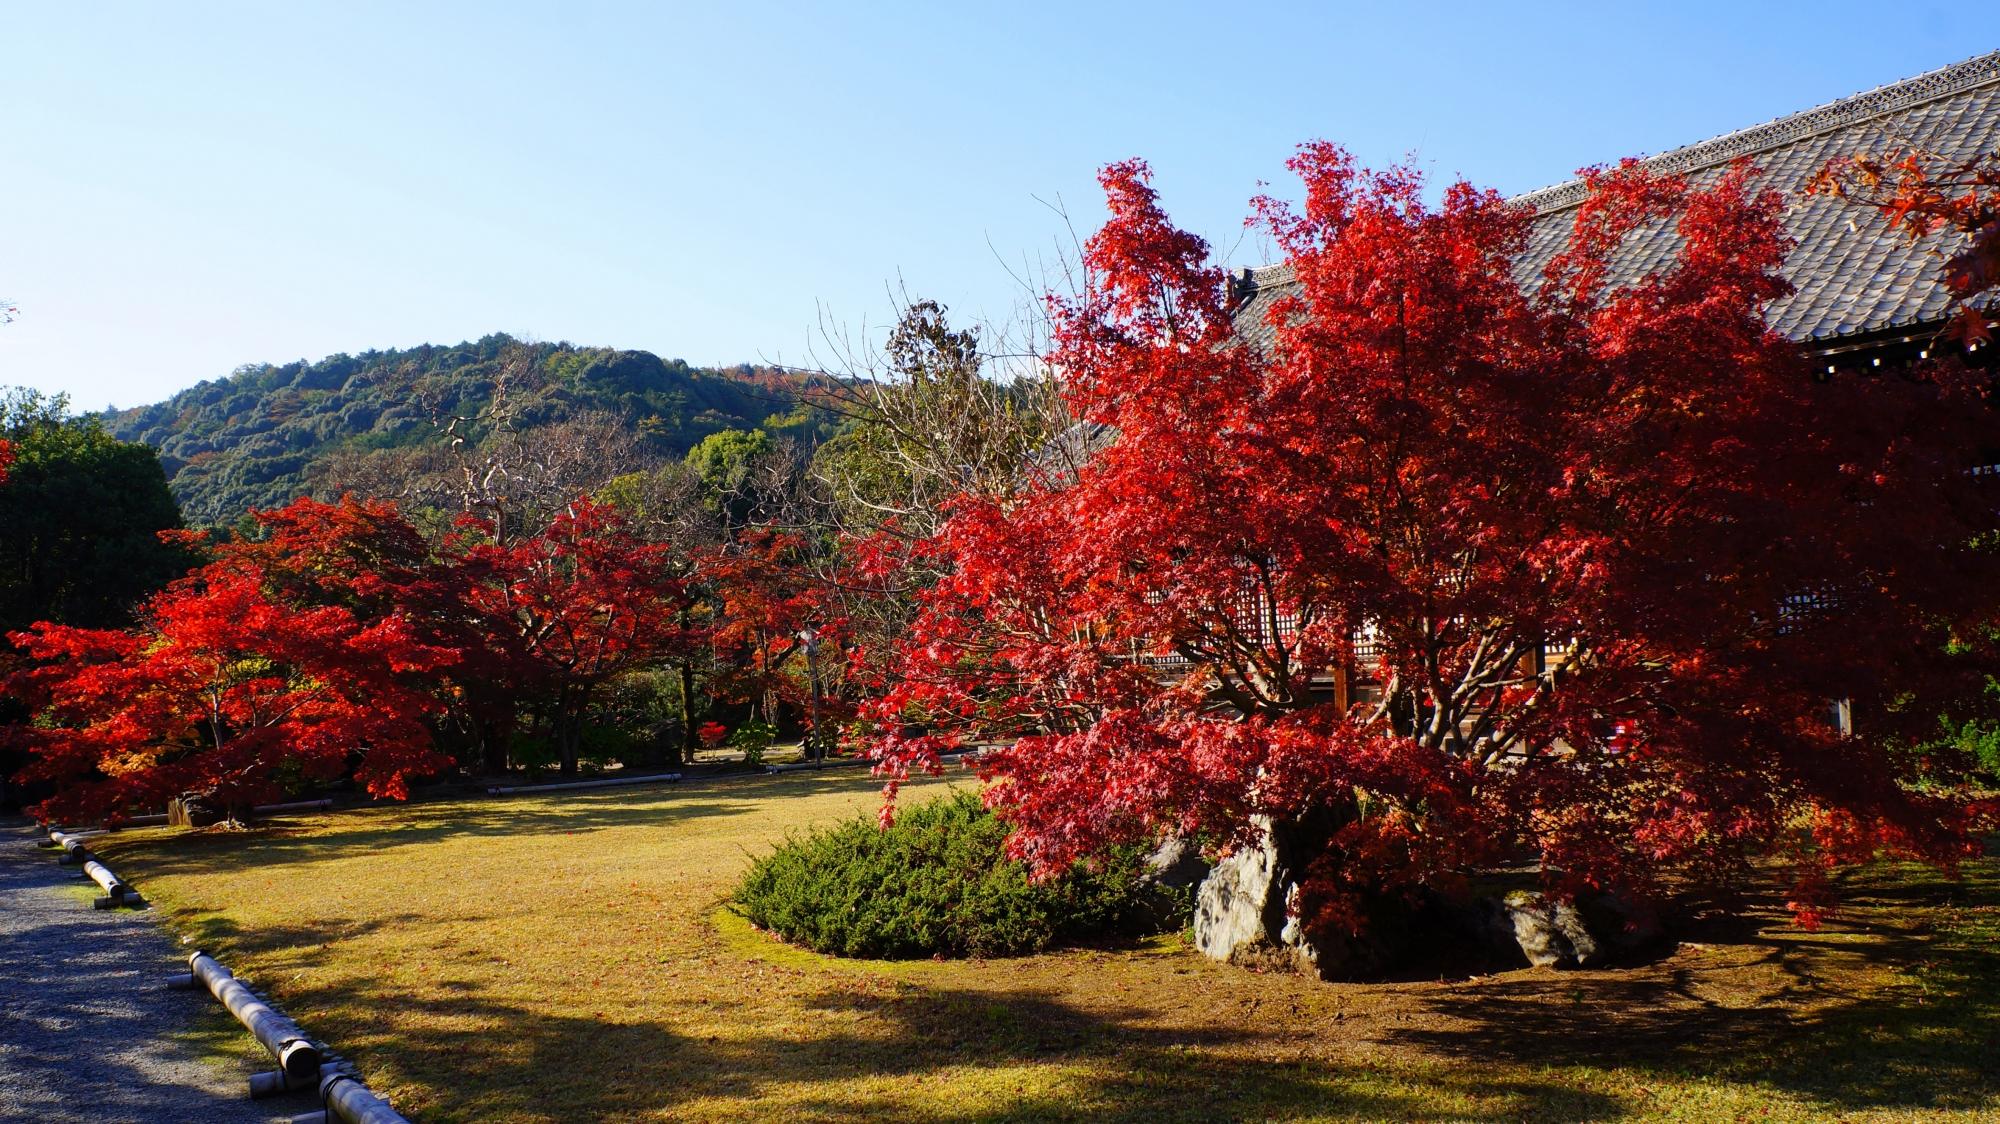 勧修寺の燃え上がるような真っ赤な紅葉